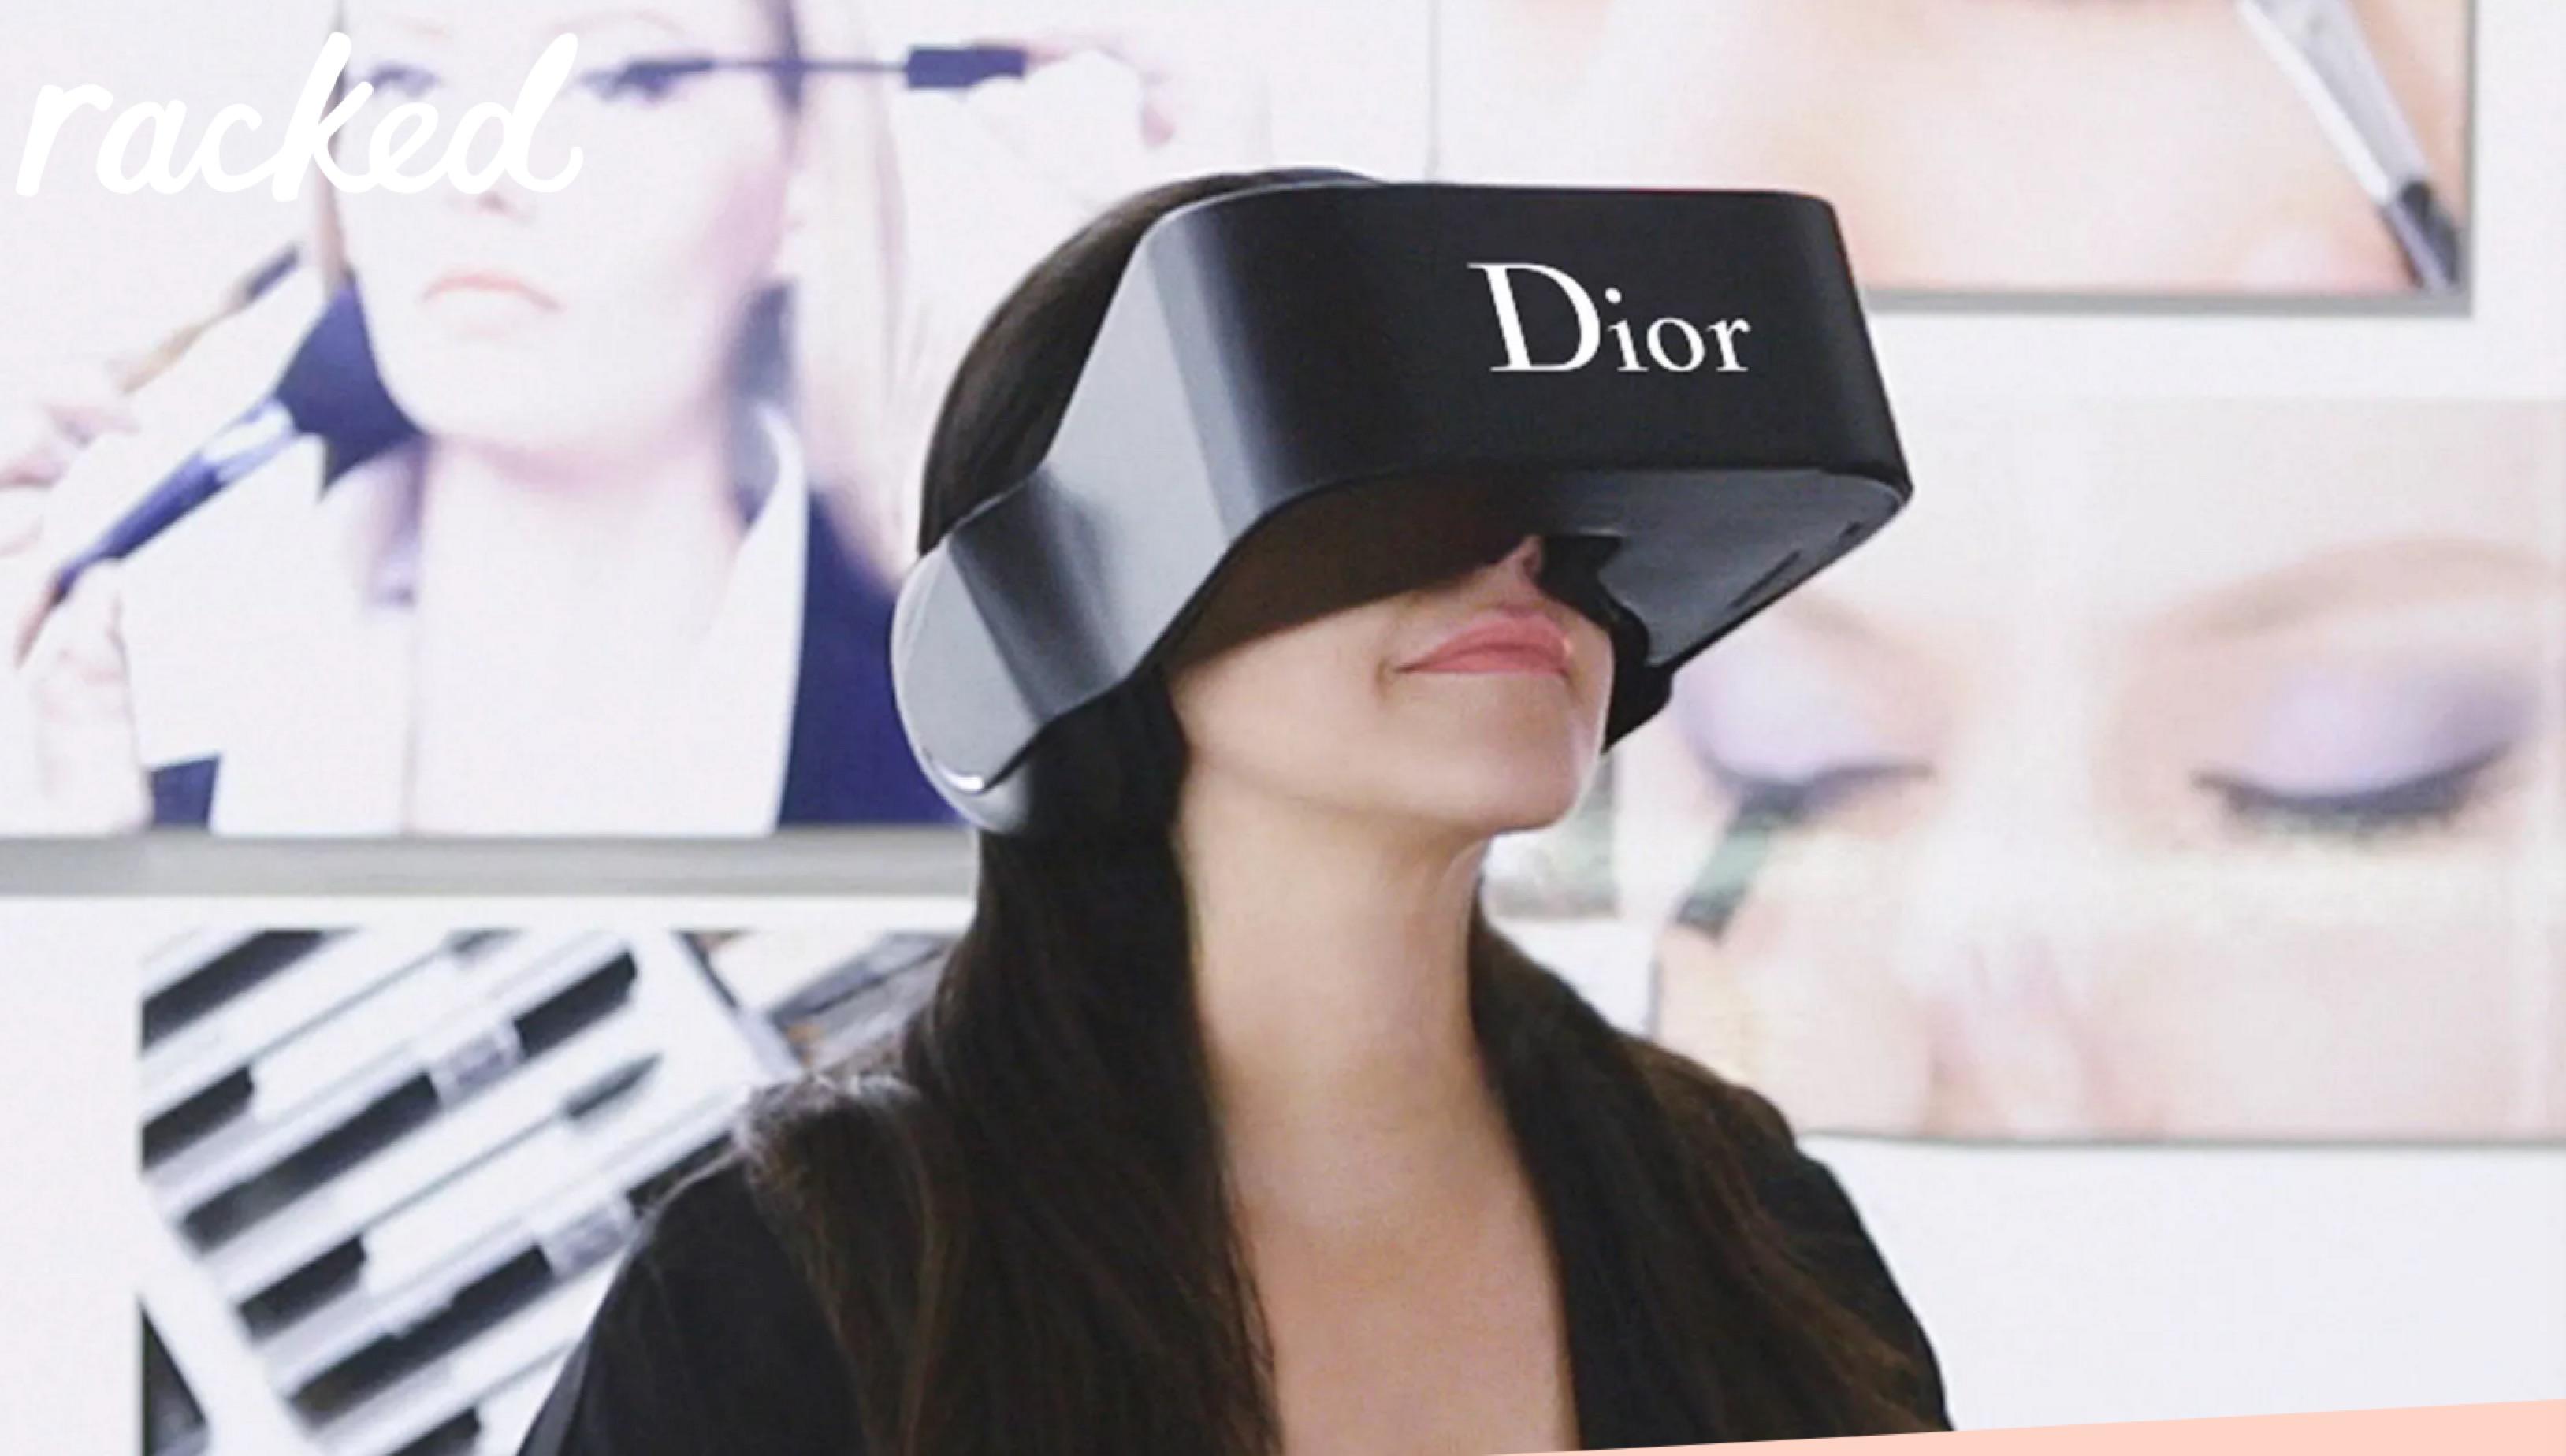 不光是科技,VR正在入侵时尚T台-钛媒体官方网站